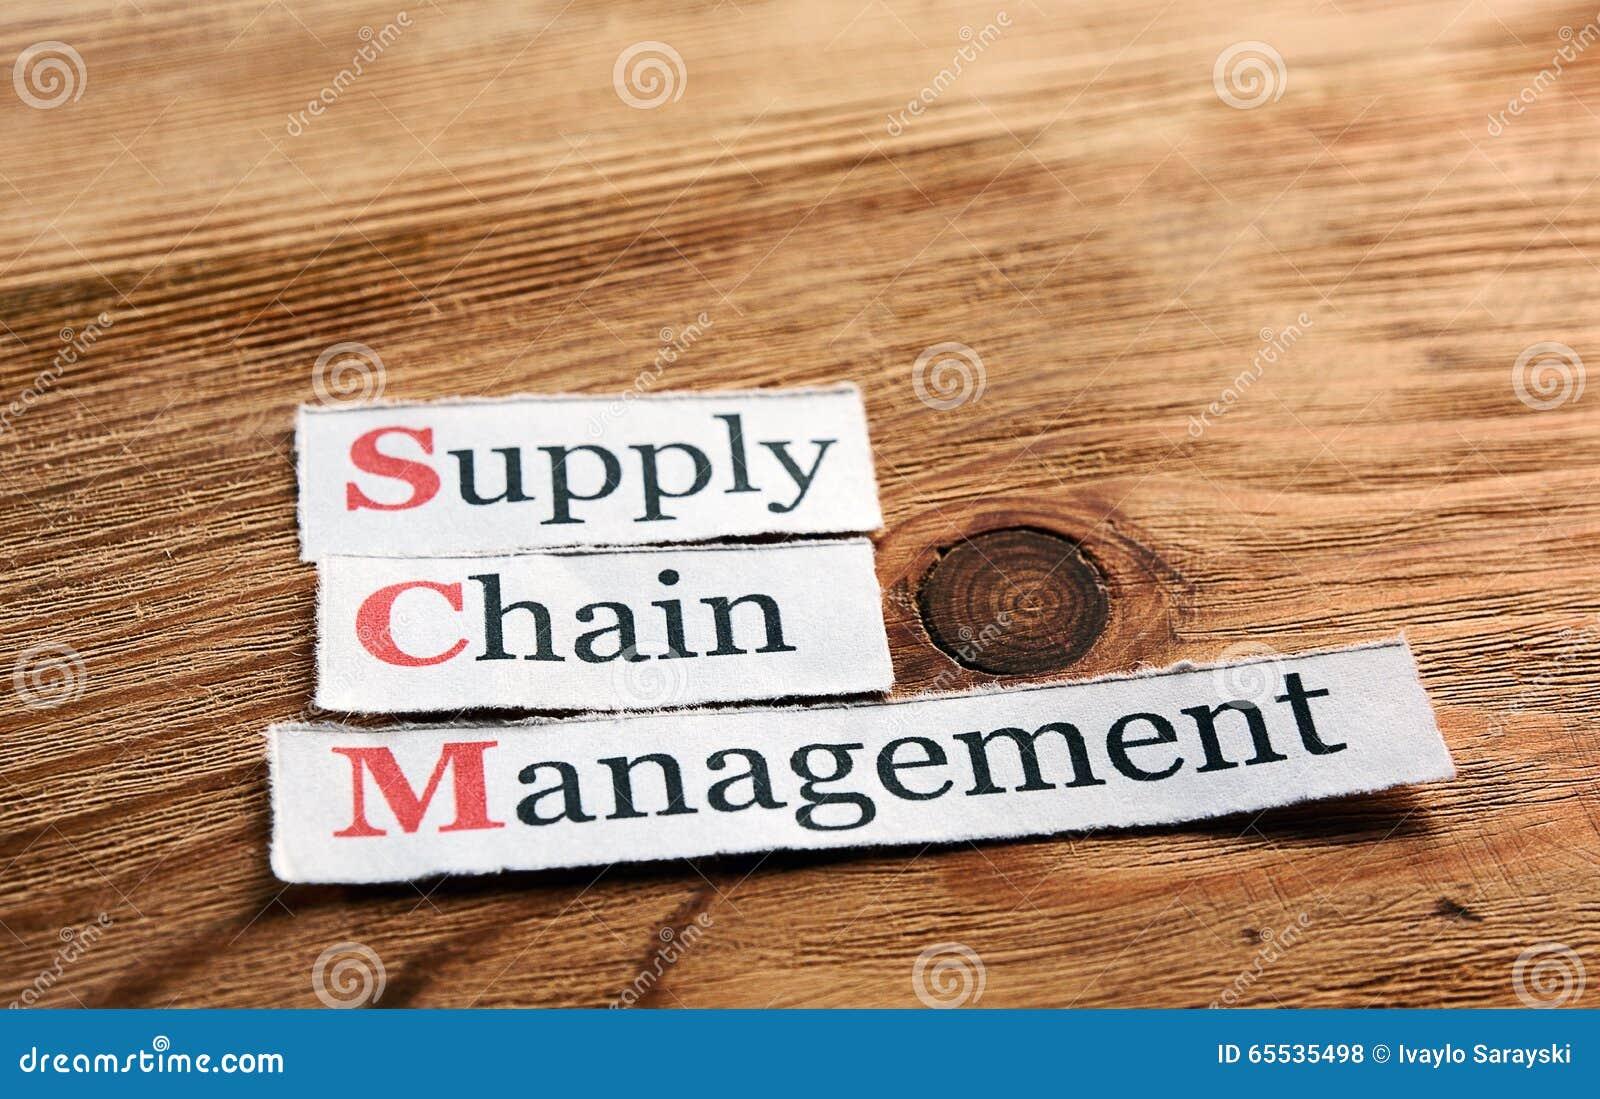 Gerência da cadeia de aprovisionamento de SCM